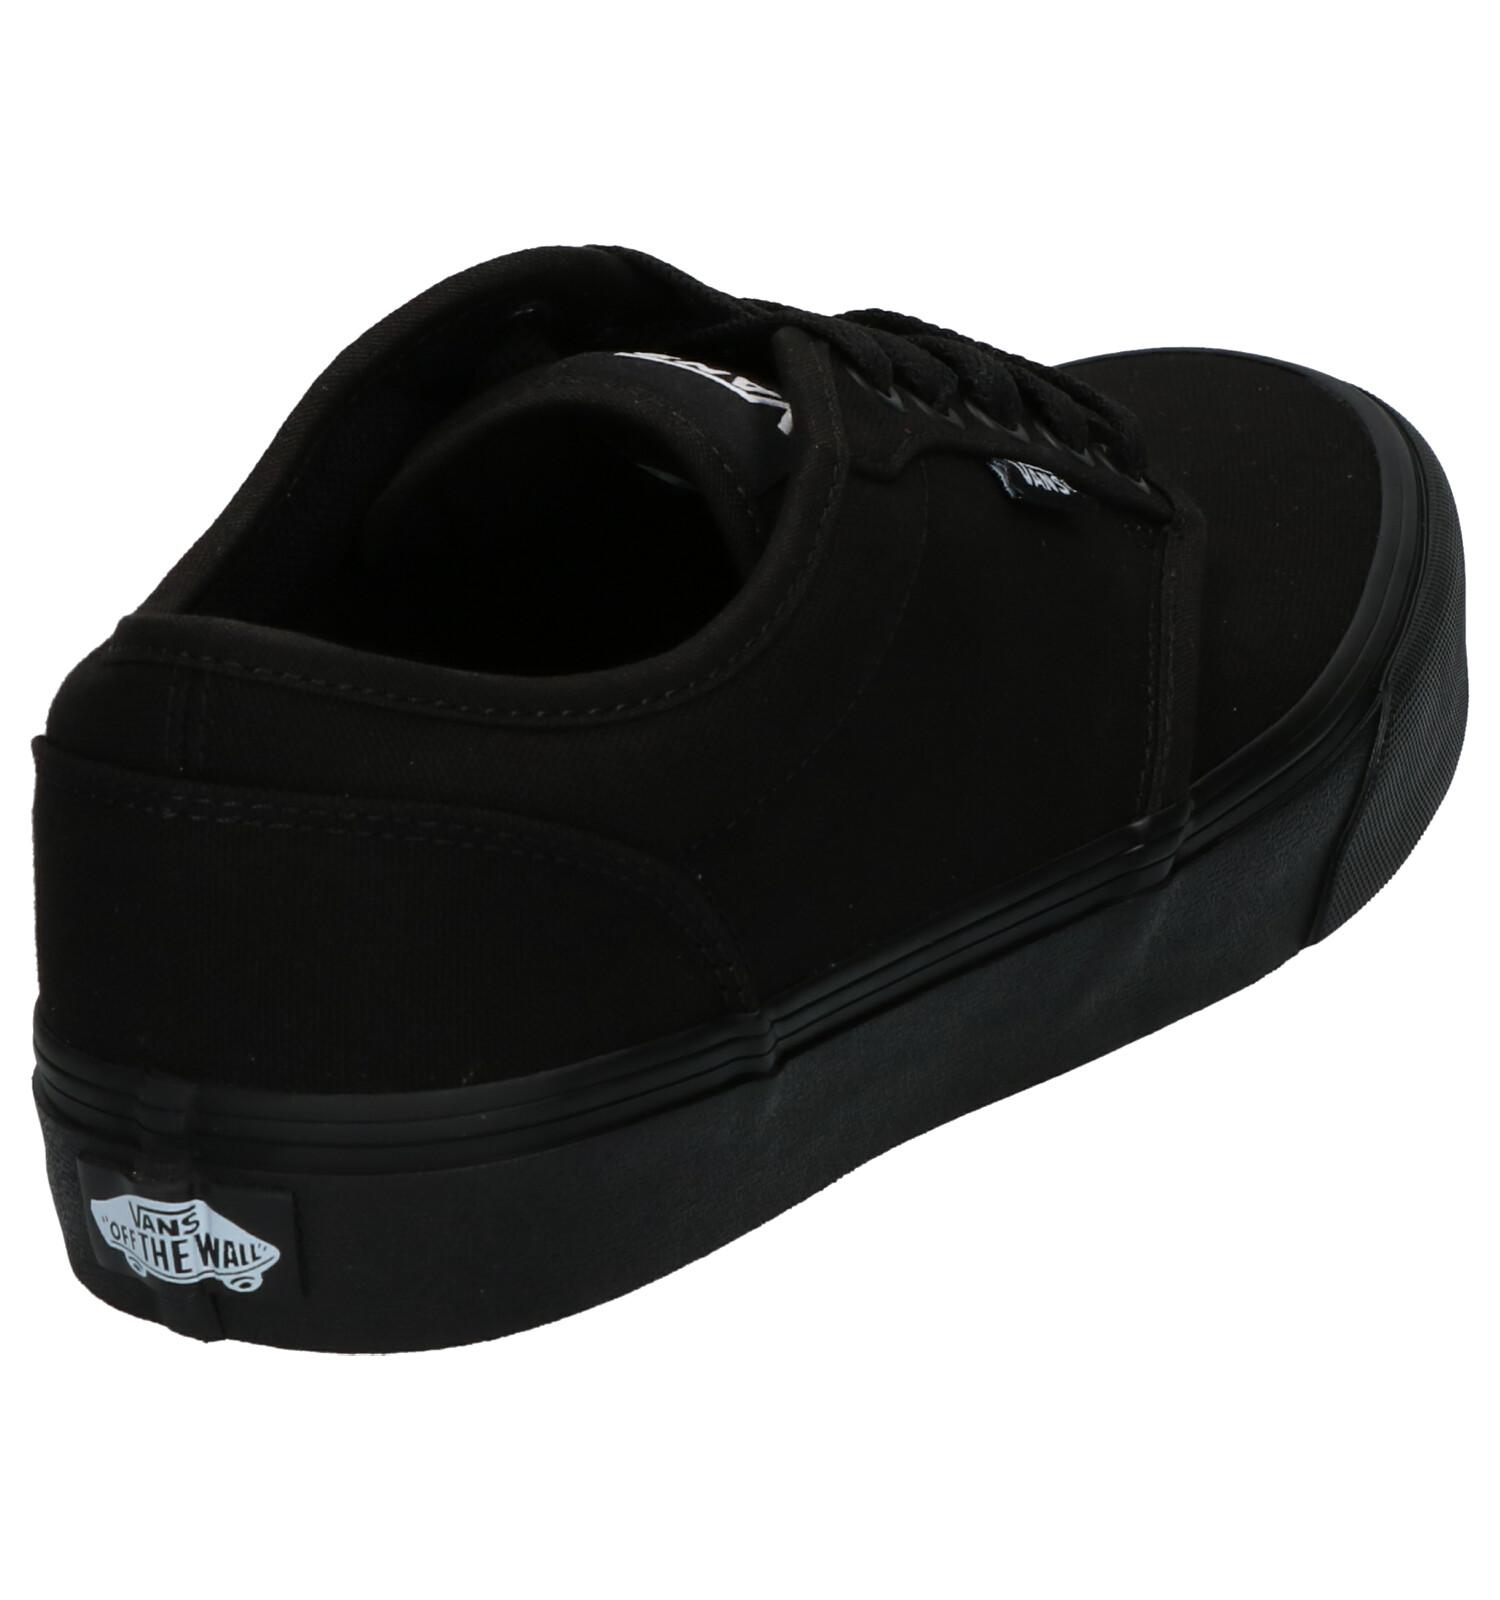 Vans Zwarte Atwood Sneakers Vans Sneakers Vans Sneakers Zwarte Zwarte Atwood Atwood Vans Atwood j54AL3R